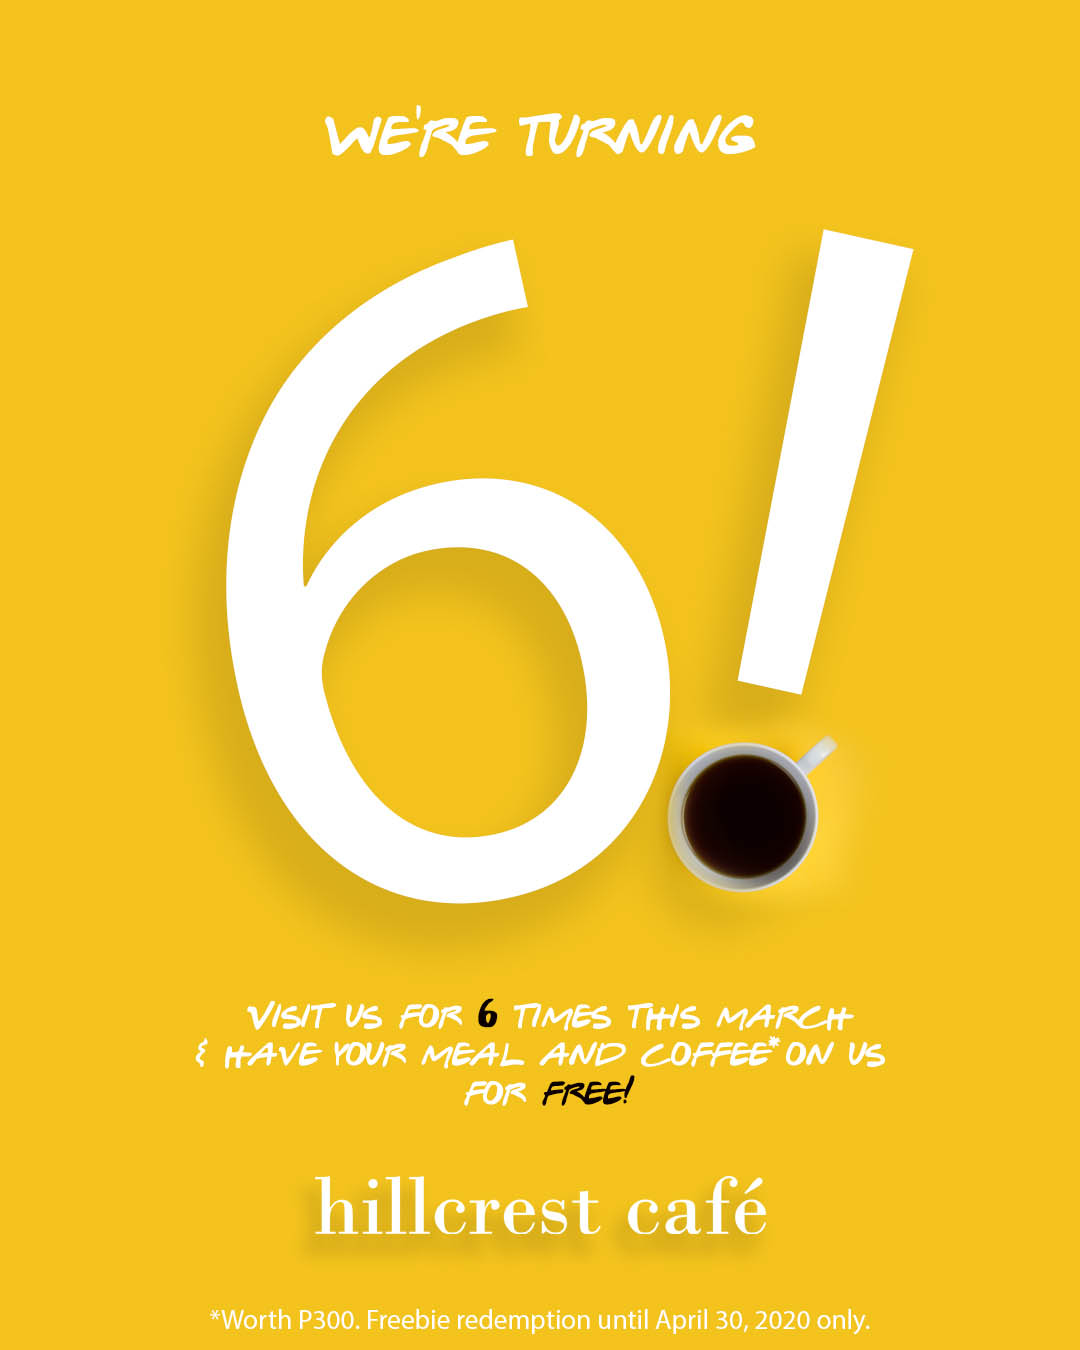 Poster: Hillcrest Cafe turns 6